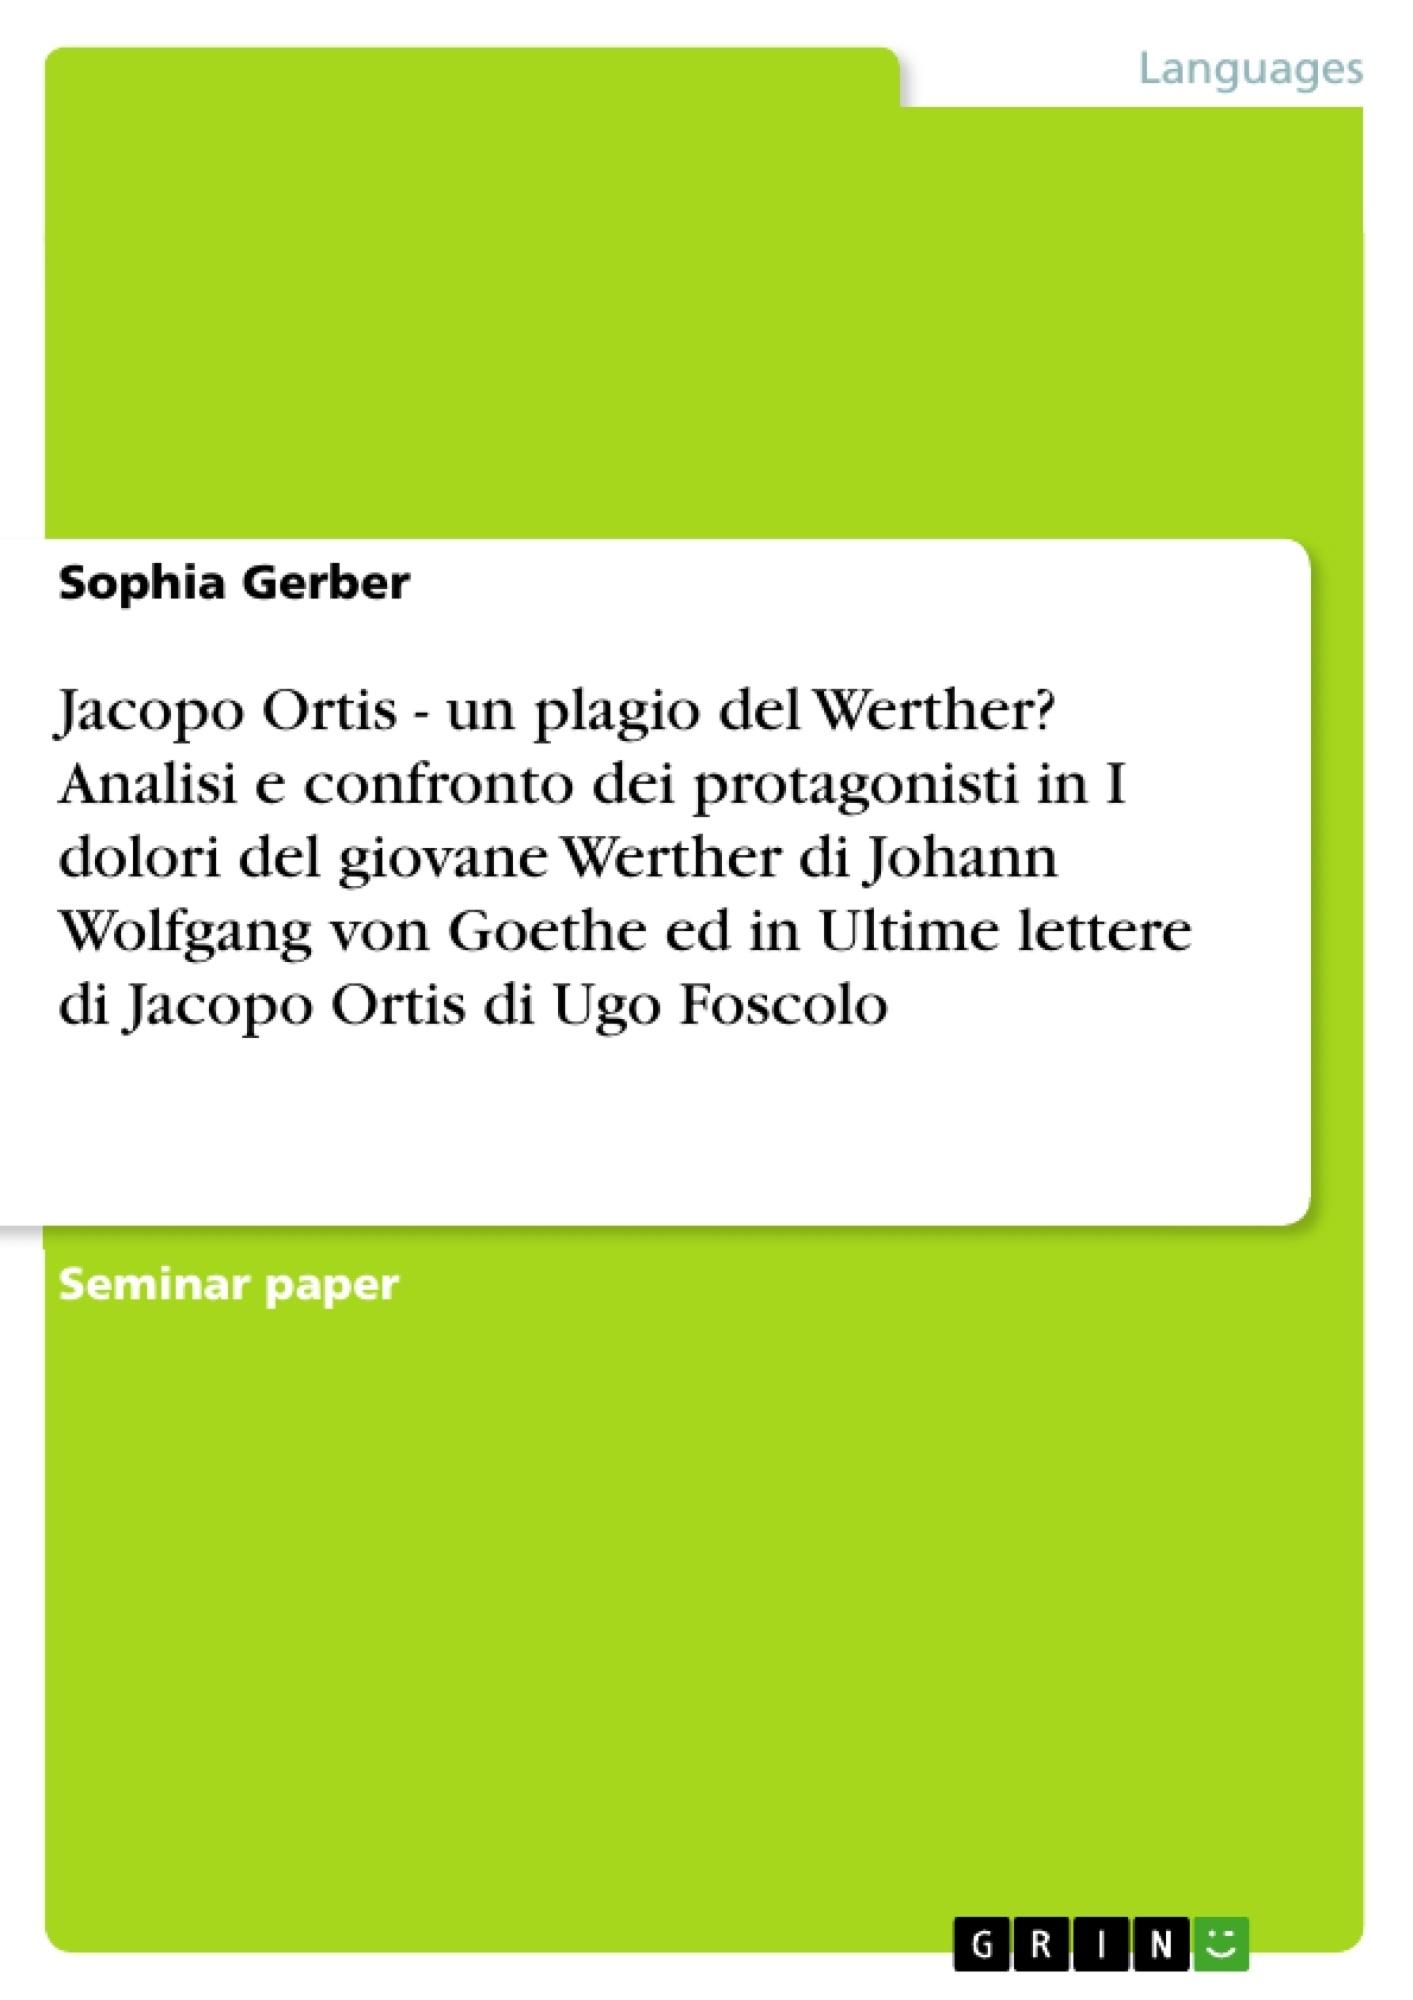 Title: Jacopo Ortis - un plagio del Werther? Analisi e confronto dei protagonisti in I dolori del giovane Werther di Johann Wolfgang von Goethe ed in Ultime lettere di Jacopo Ortis di Ugo Foscolo